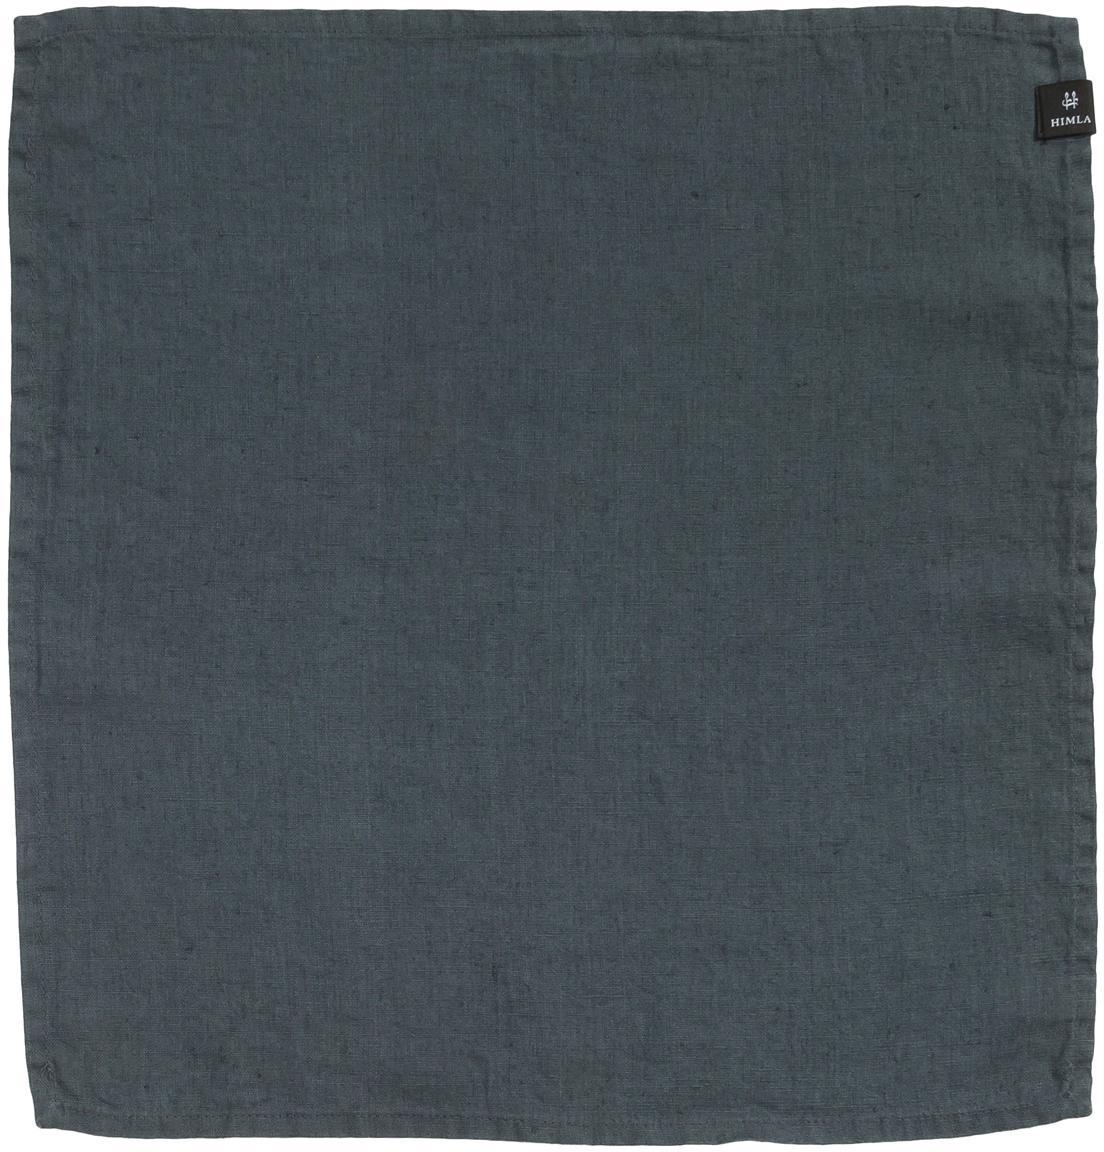 Serwetka z lnu Sunshine, 4 szt., Len, Ciemnyszary, D 45 x S 45 cm